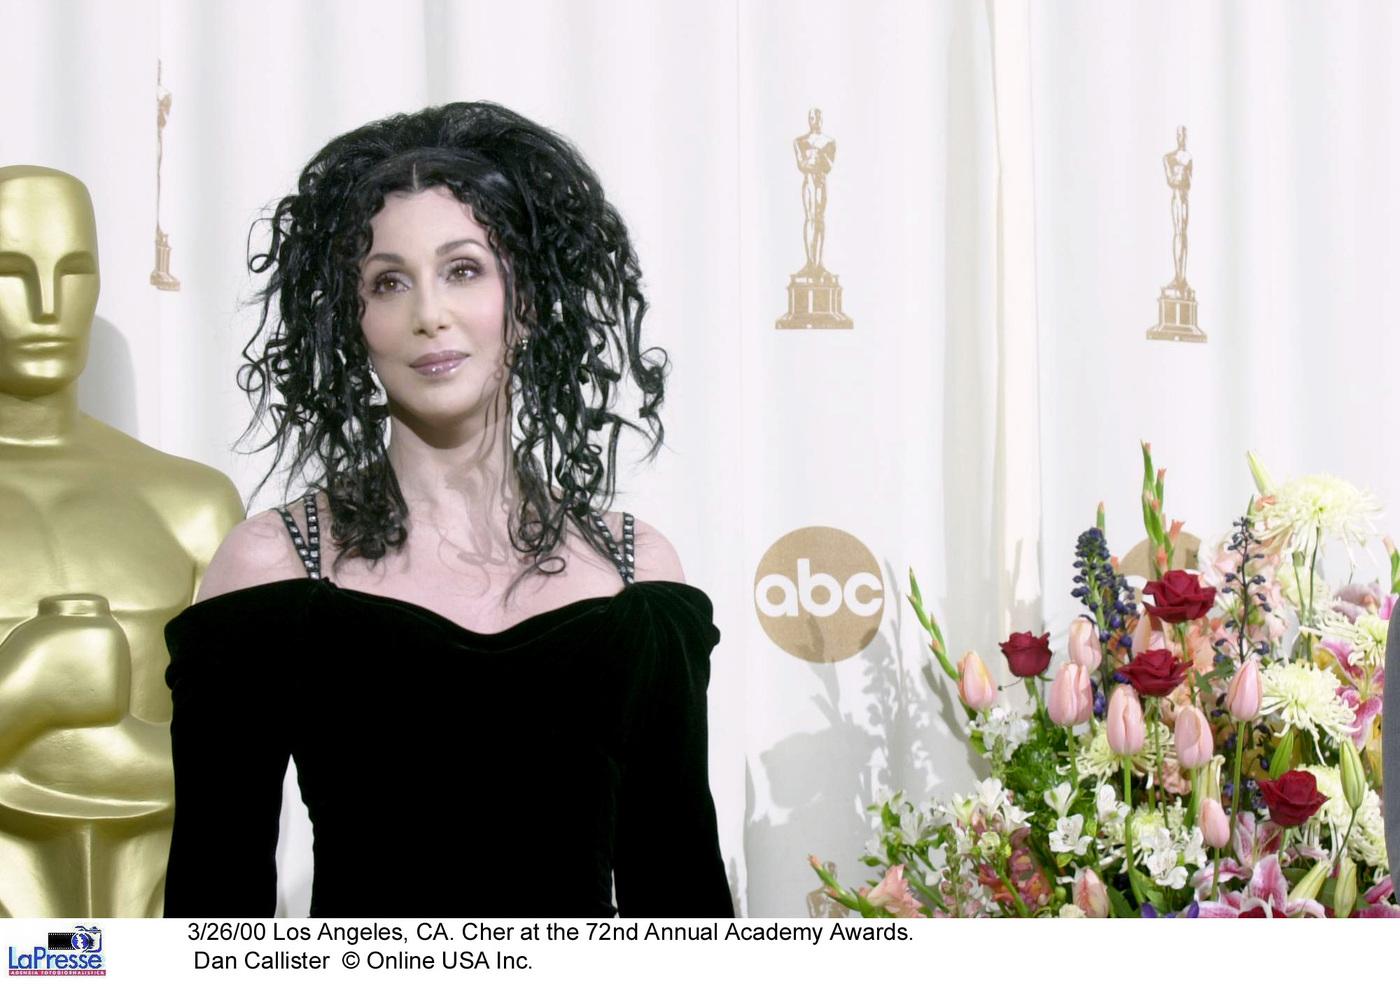 Cher canta per la prima volta in spagnolo a sostegno dell'Unicef